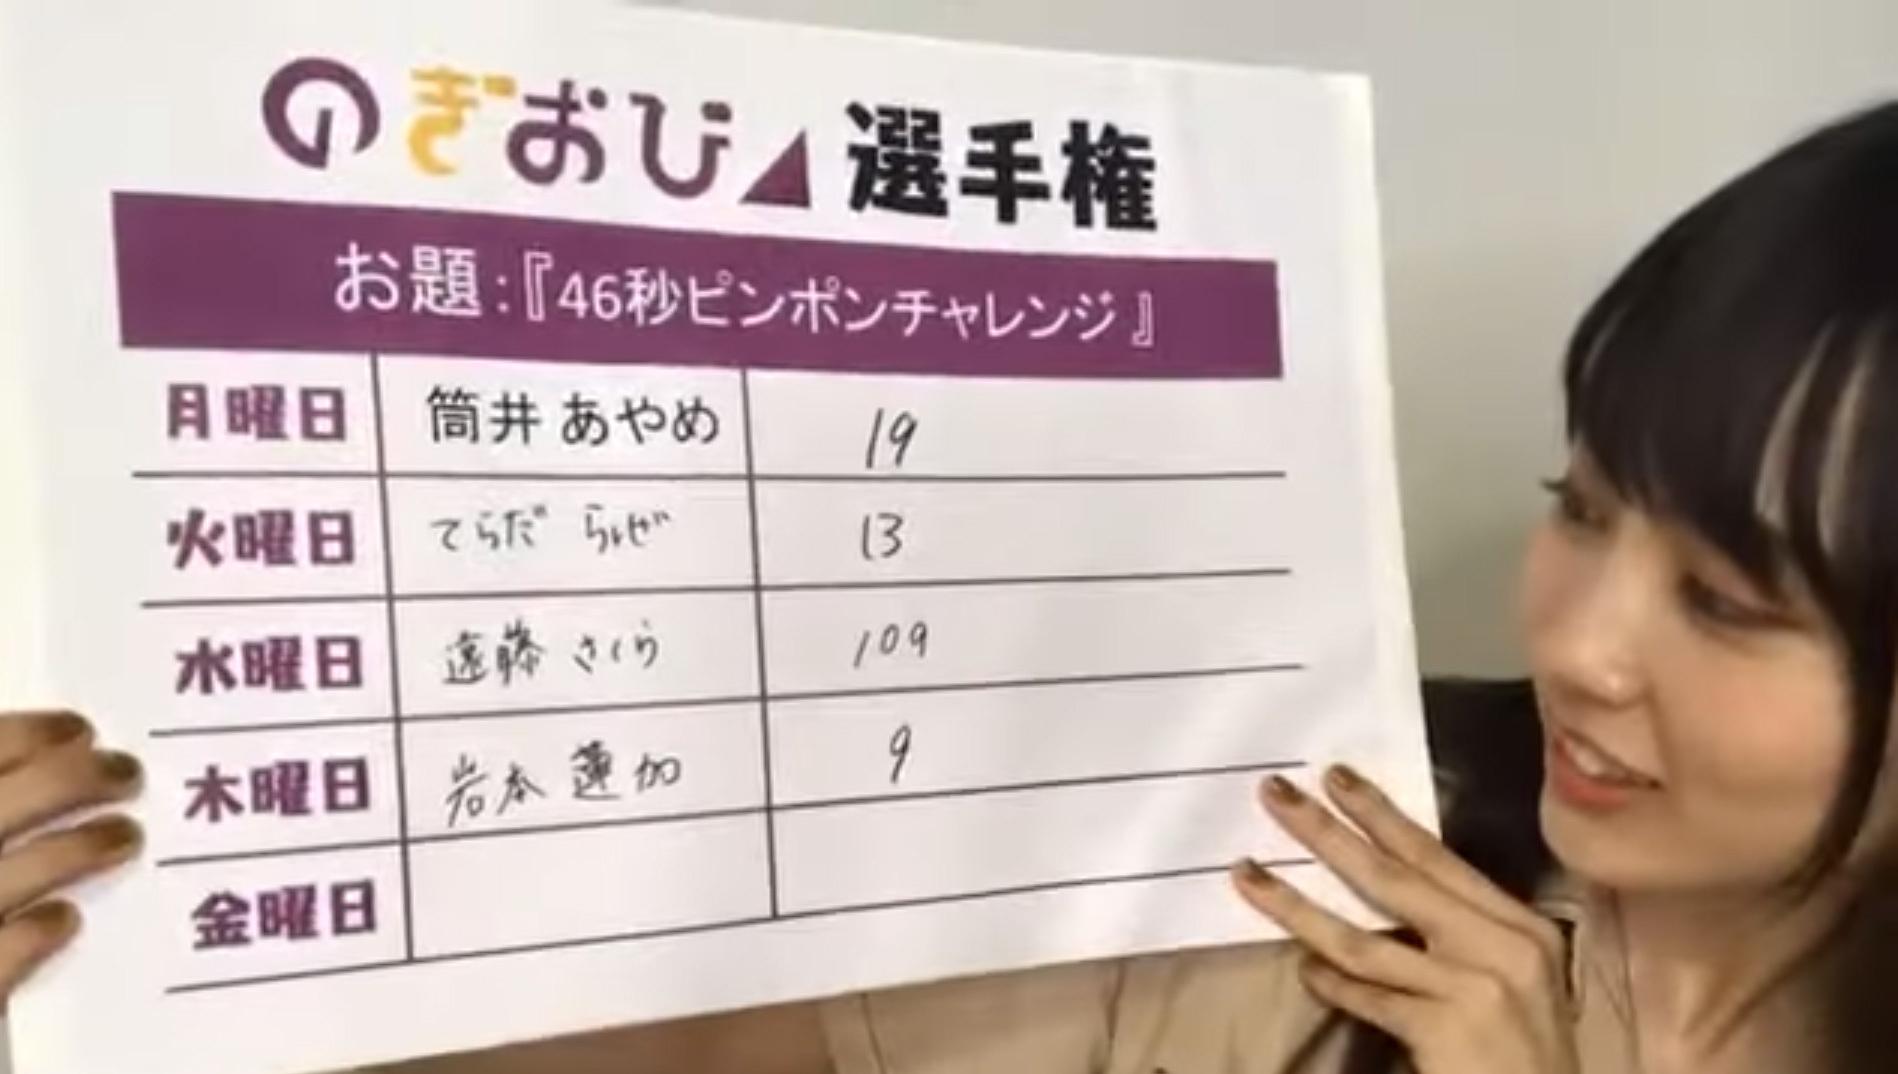 賀喜遥香「のぎおび⊿」